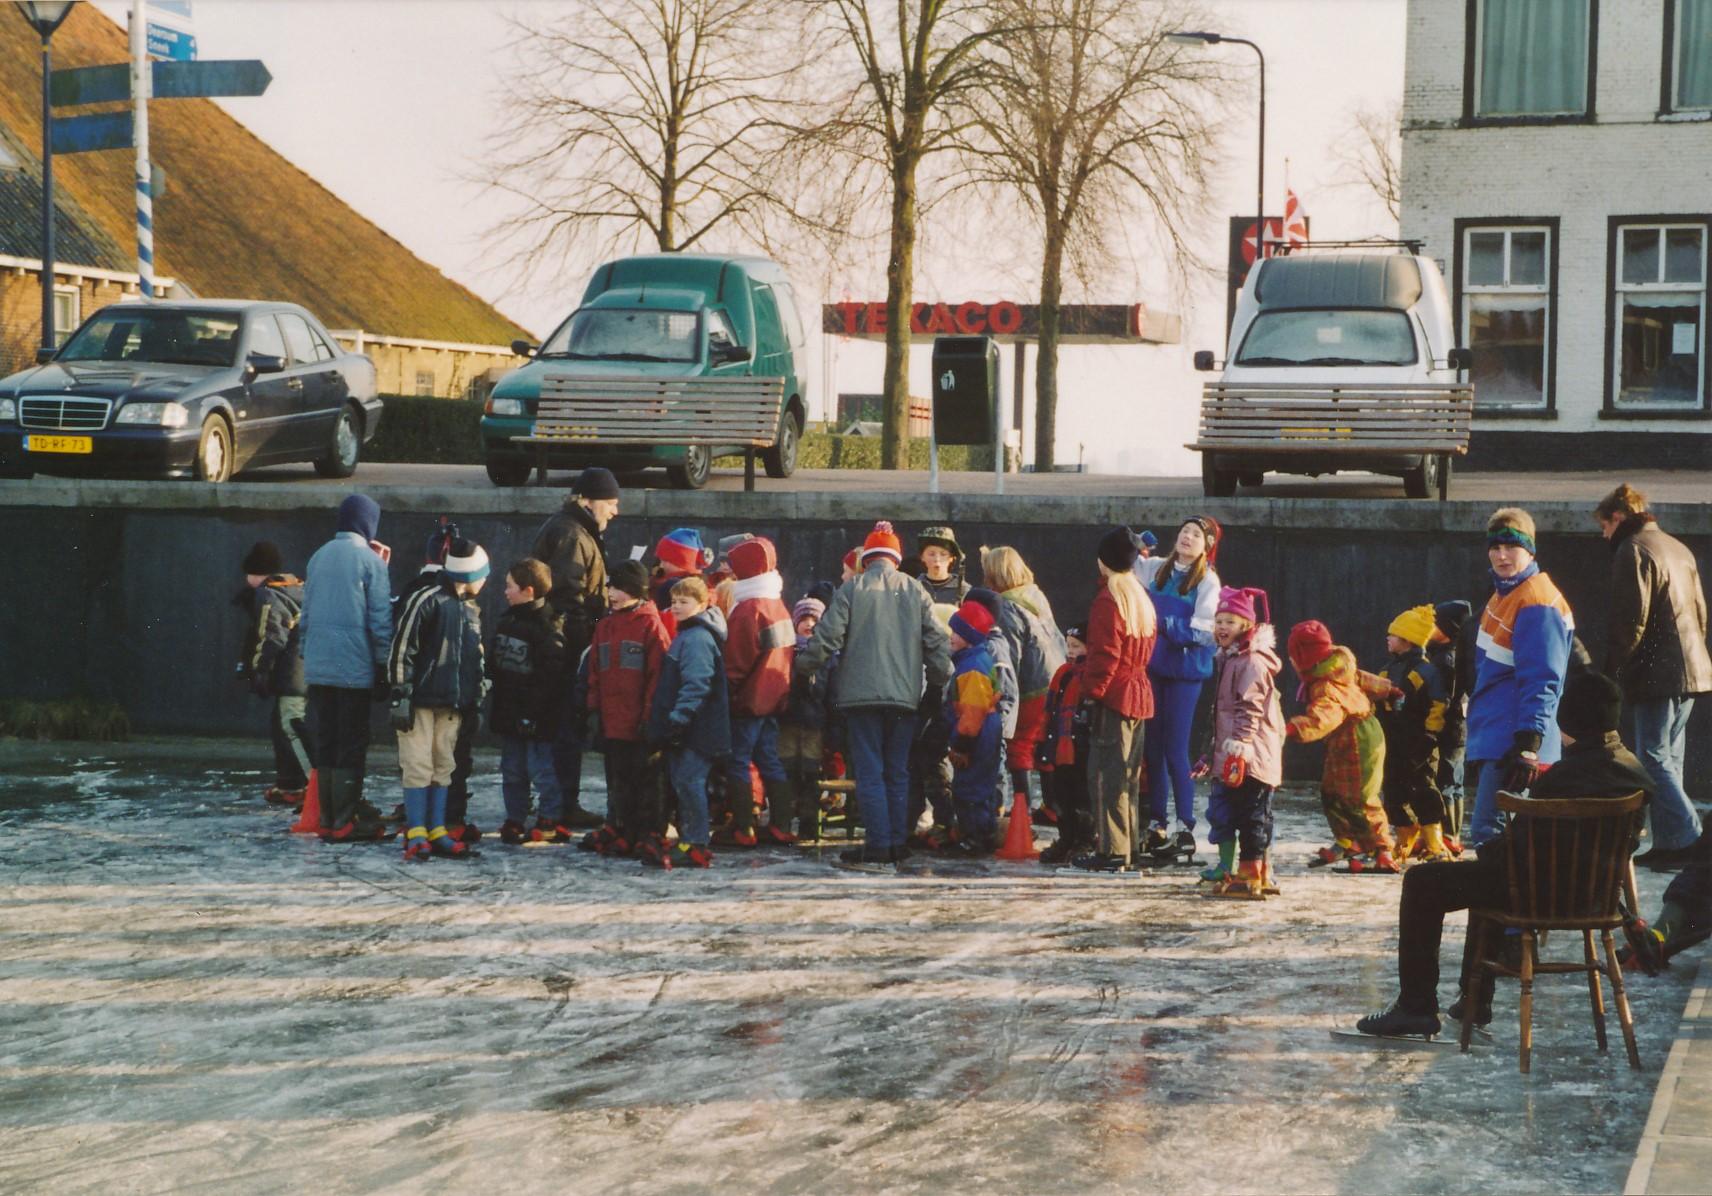 Fotoalbum Anneke Miedema, 087, Winter 2003-2004, hurdriden yn Easterwierrum, skoallebern